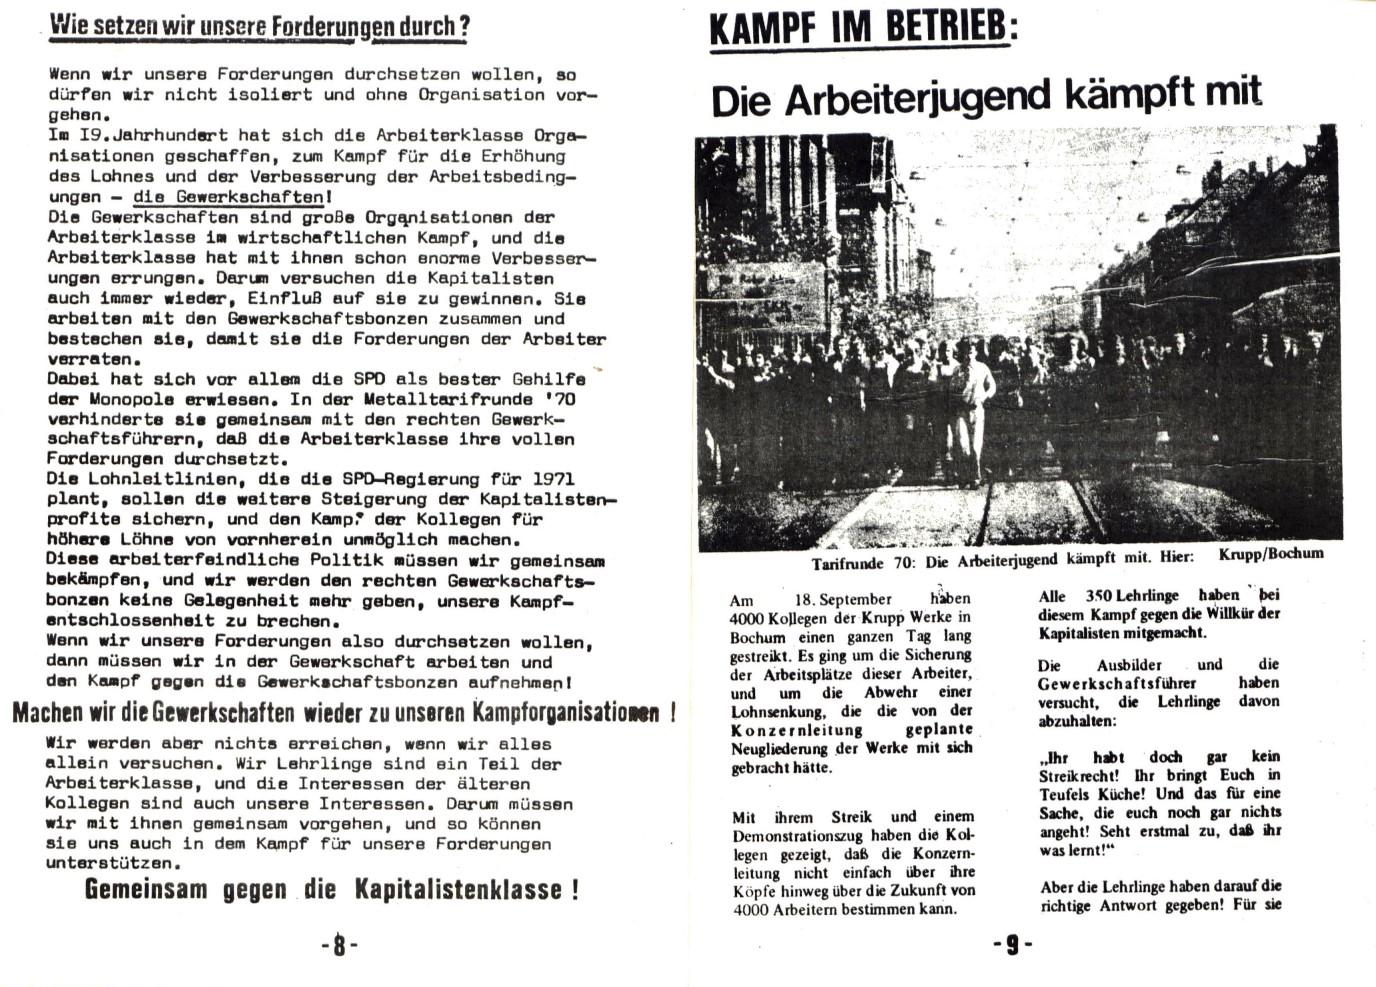 KJVD_1971_Der_wirtschaftliche_Kampf_der_Arbeiterjugend_05